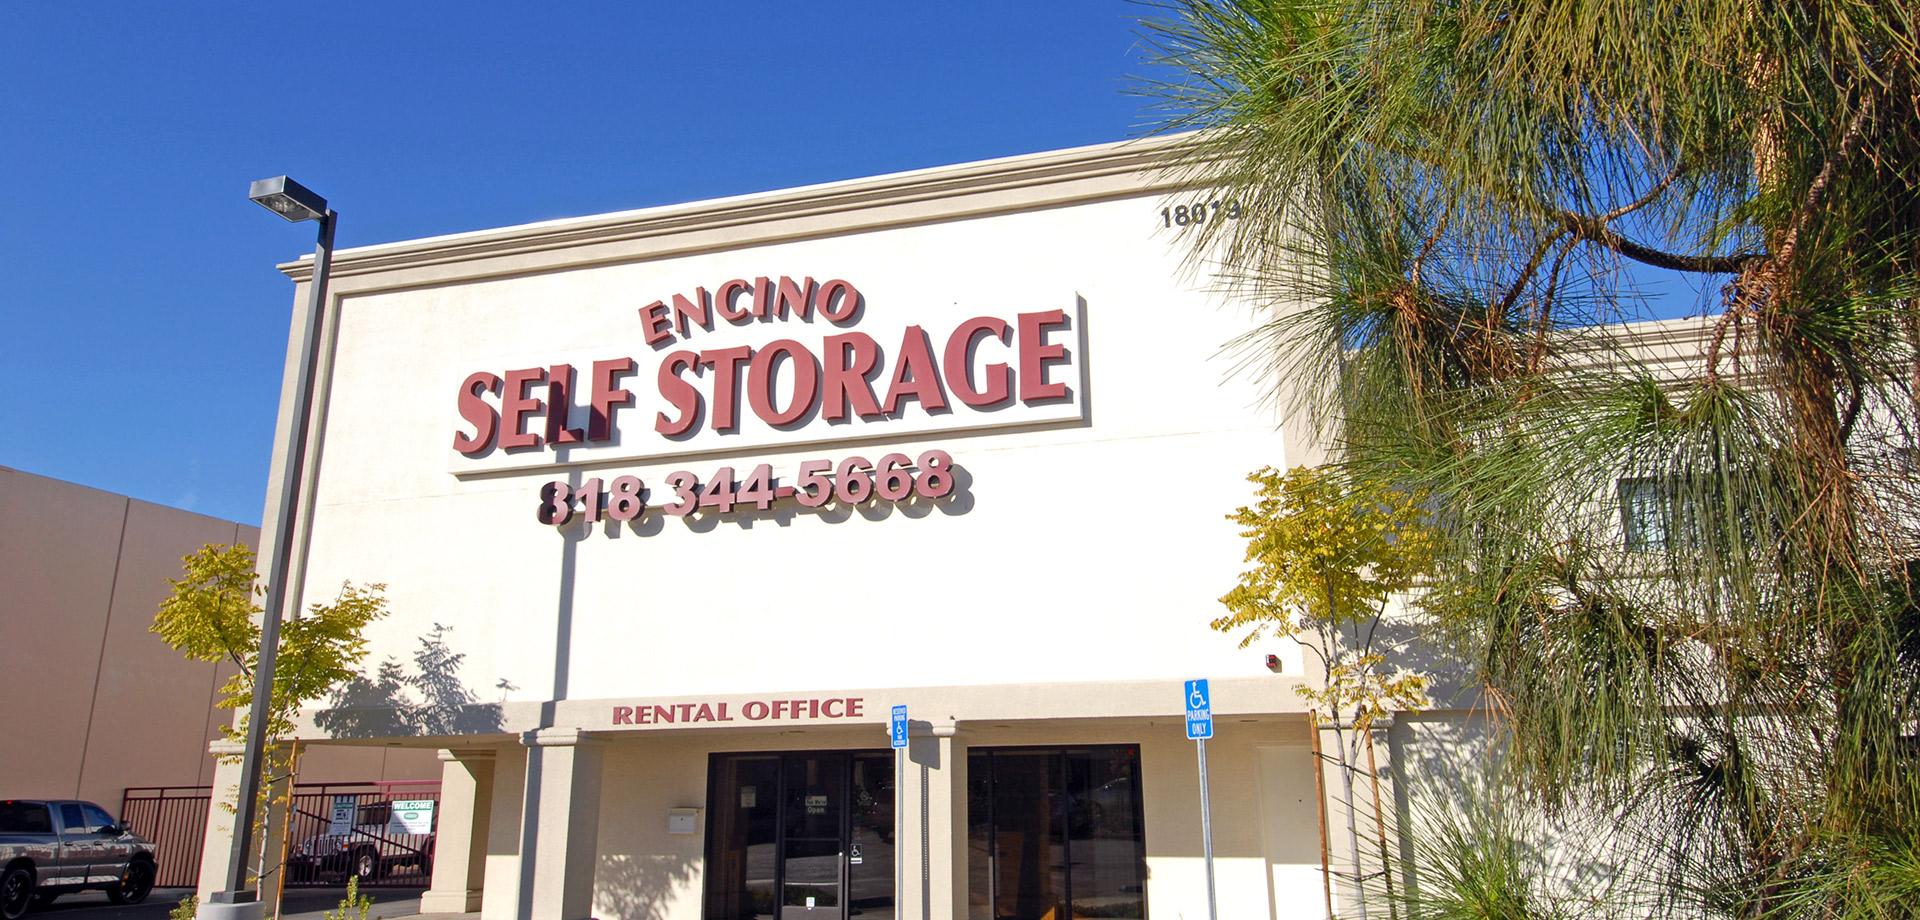 Encino Self Storage Self Storage In Encino Ca